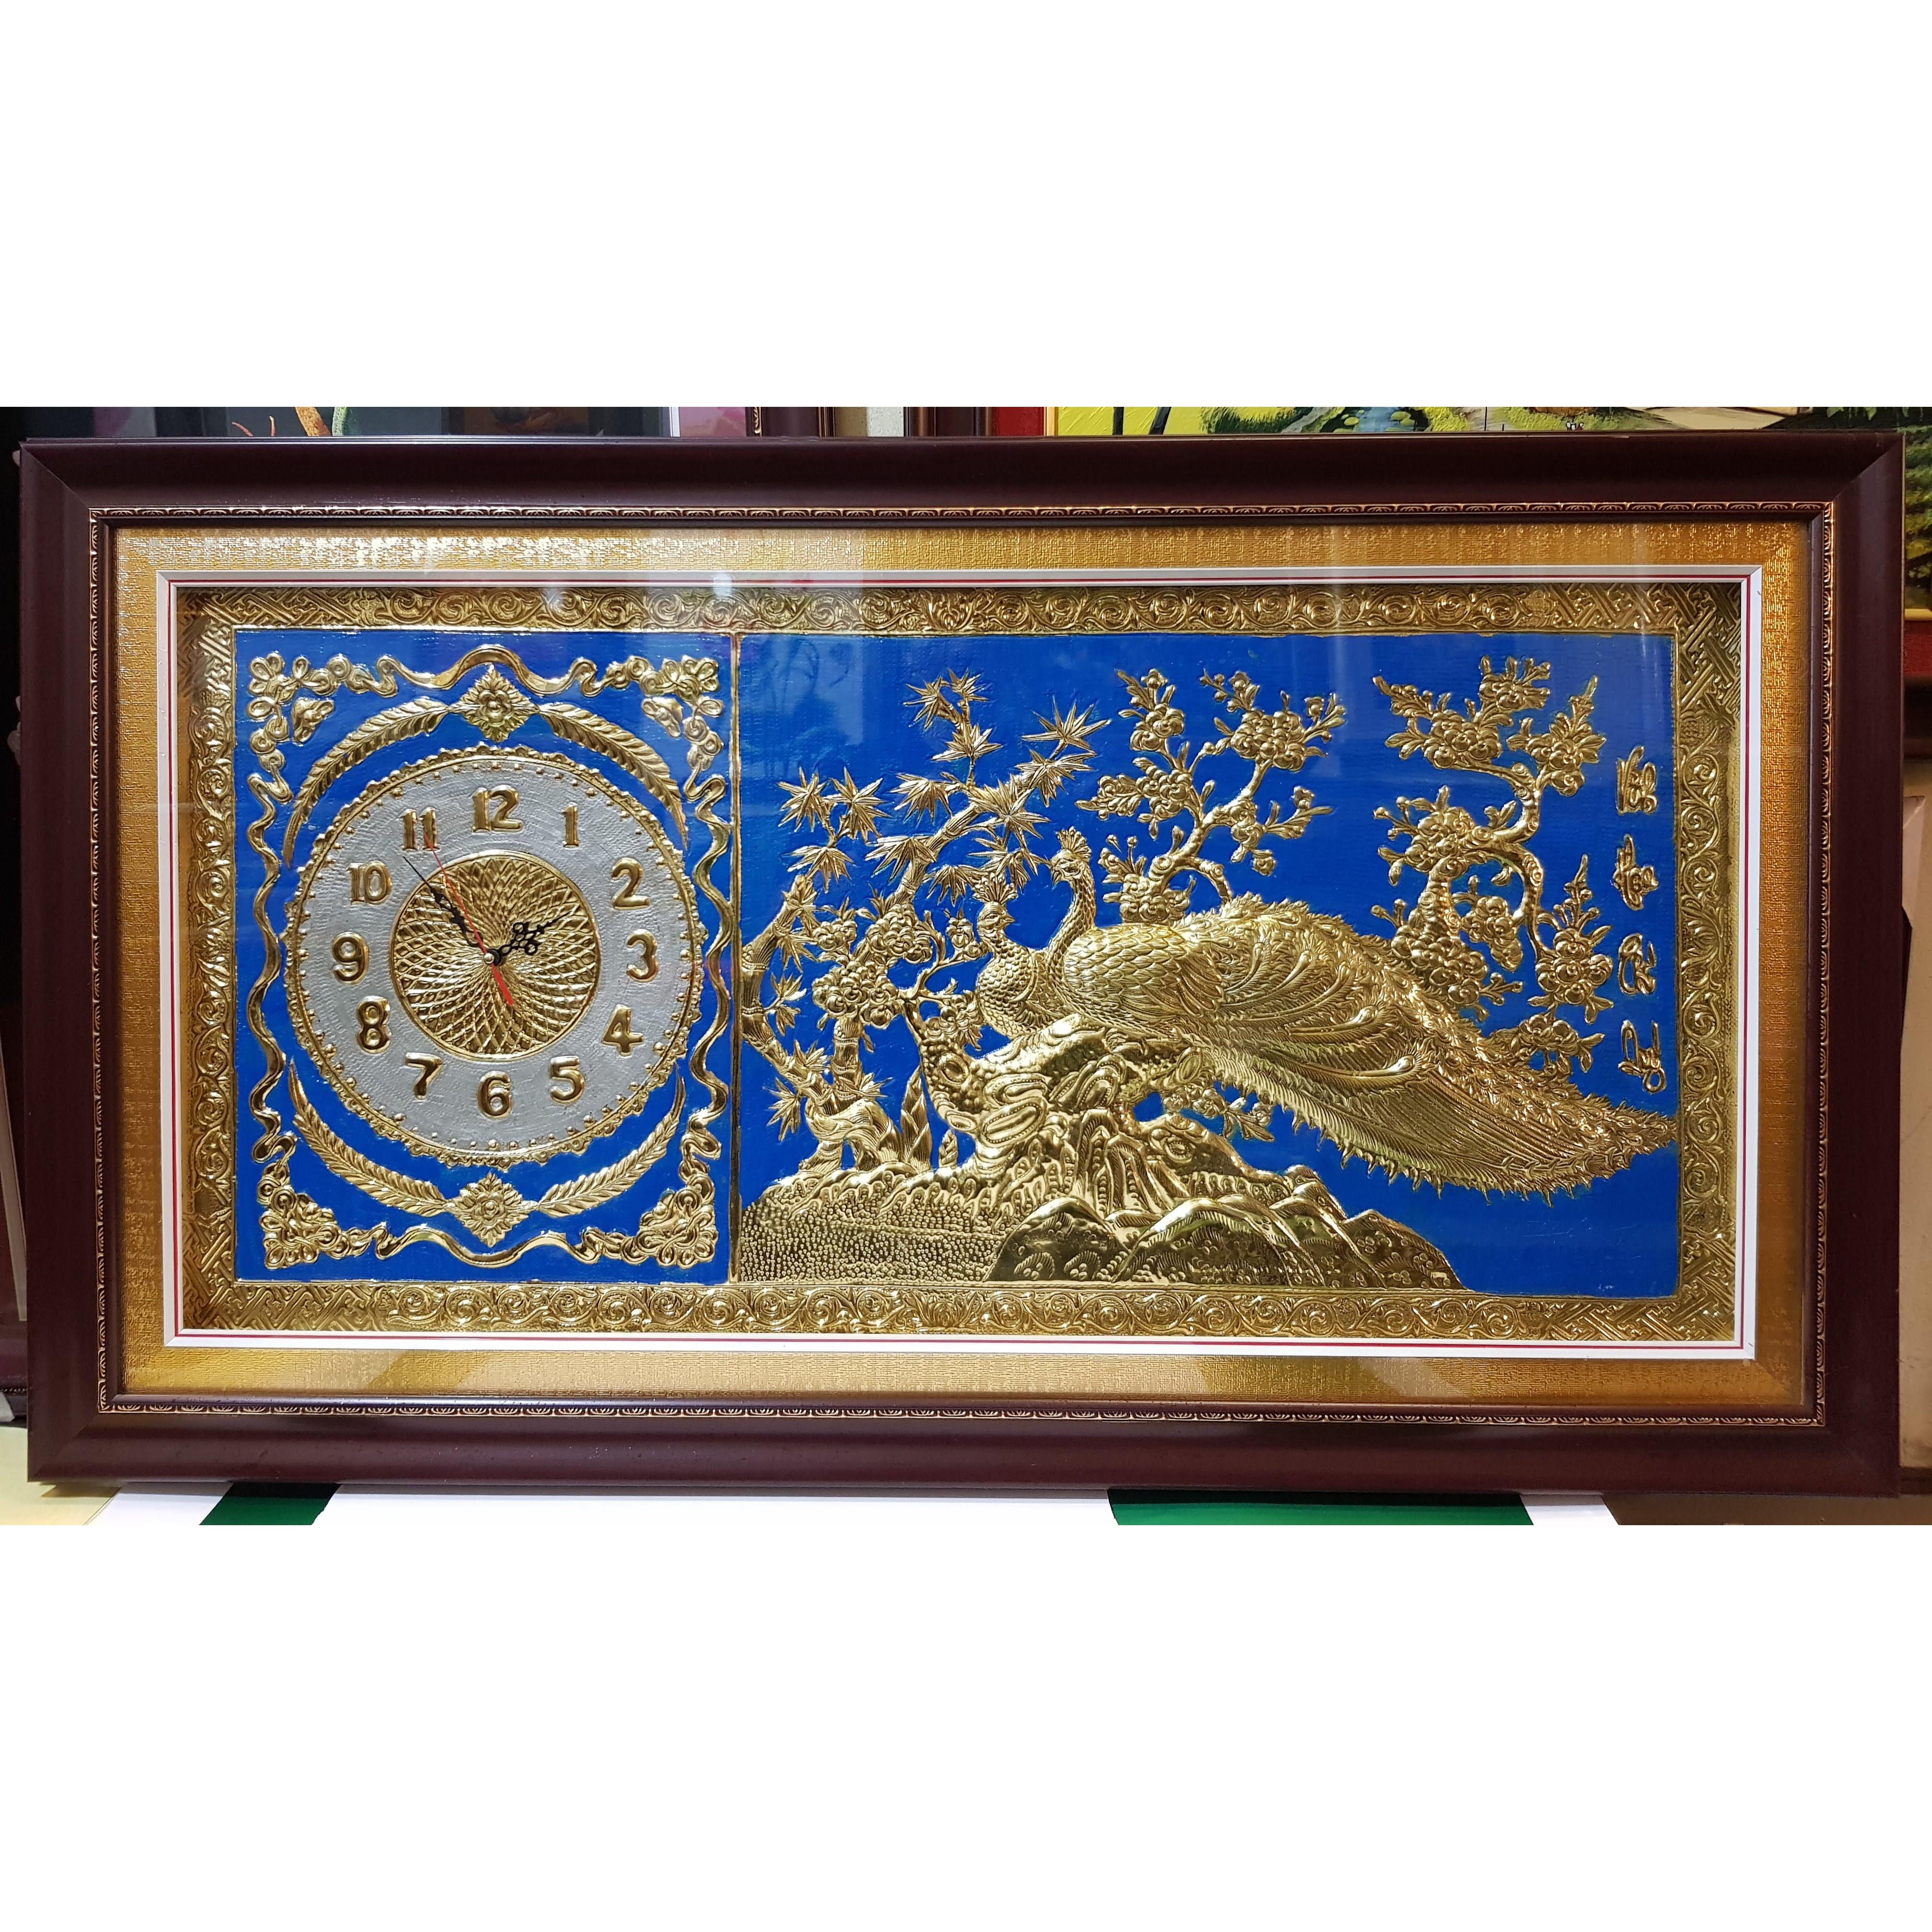 Đồng hồ-Tranh đồng vàng liền tấm -Đôi uyên ương ( đôi chim công)